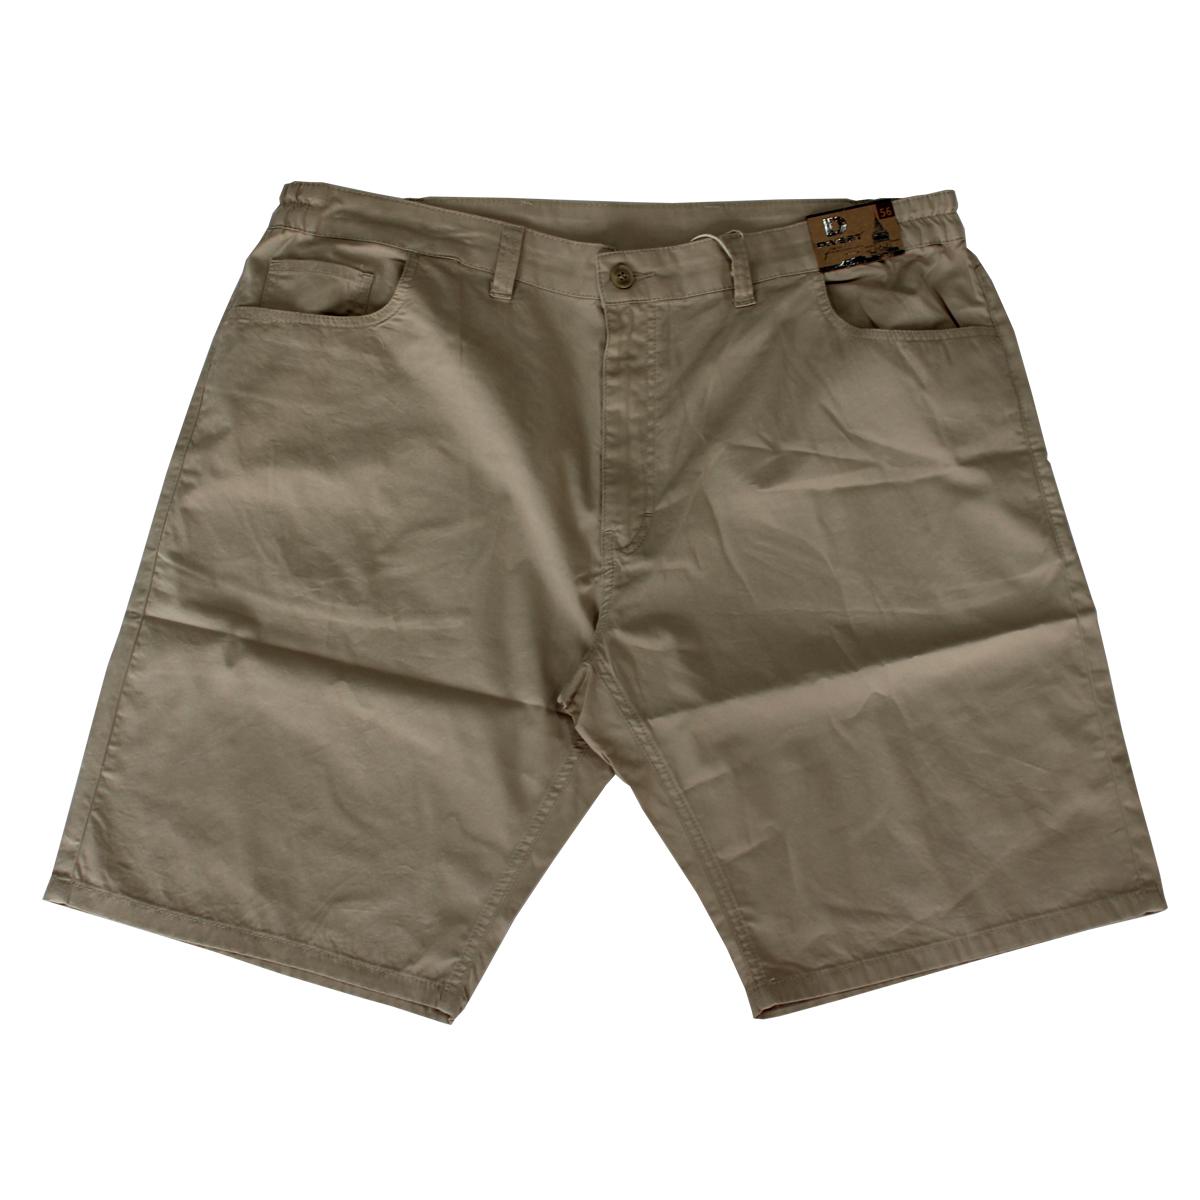 Pantalon scurt bej din doc, Marime 56 - egato.ro